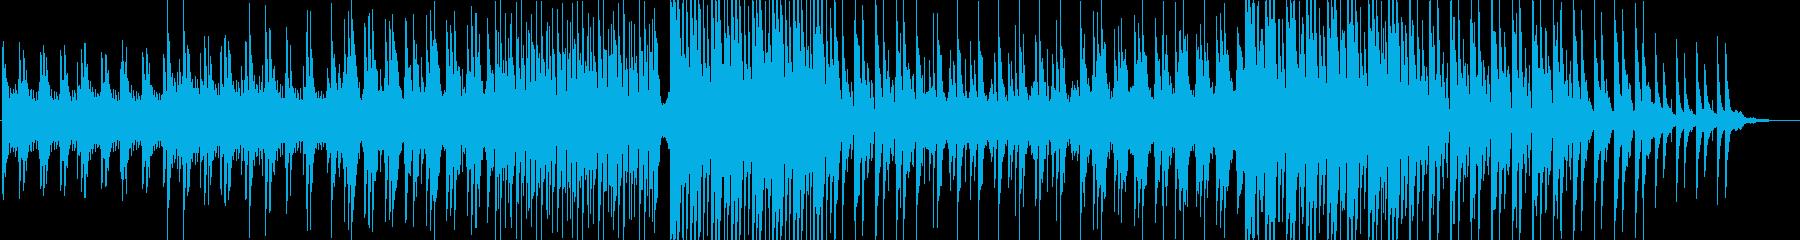 PV-畑-森-自然-四季-動物-雫-雄大の再生済みの波形